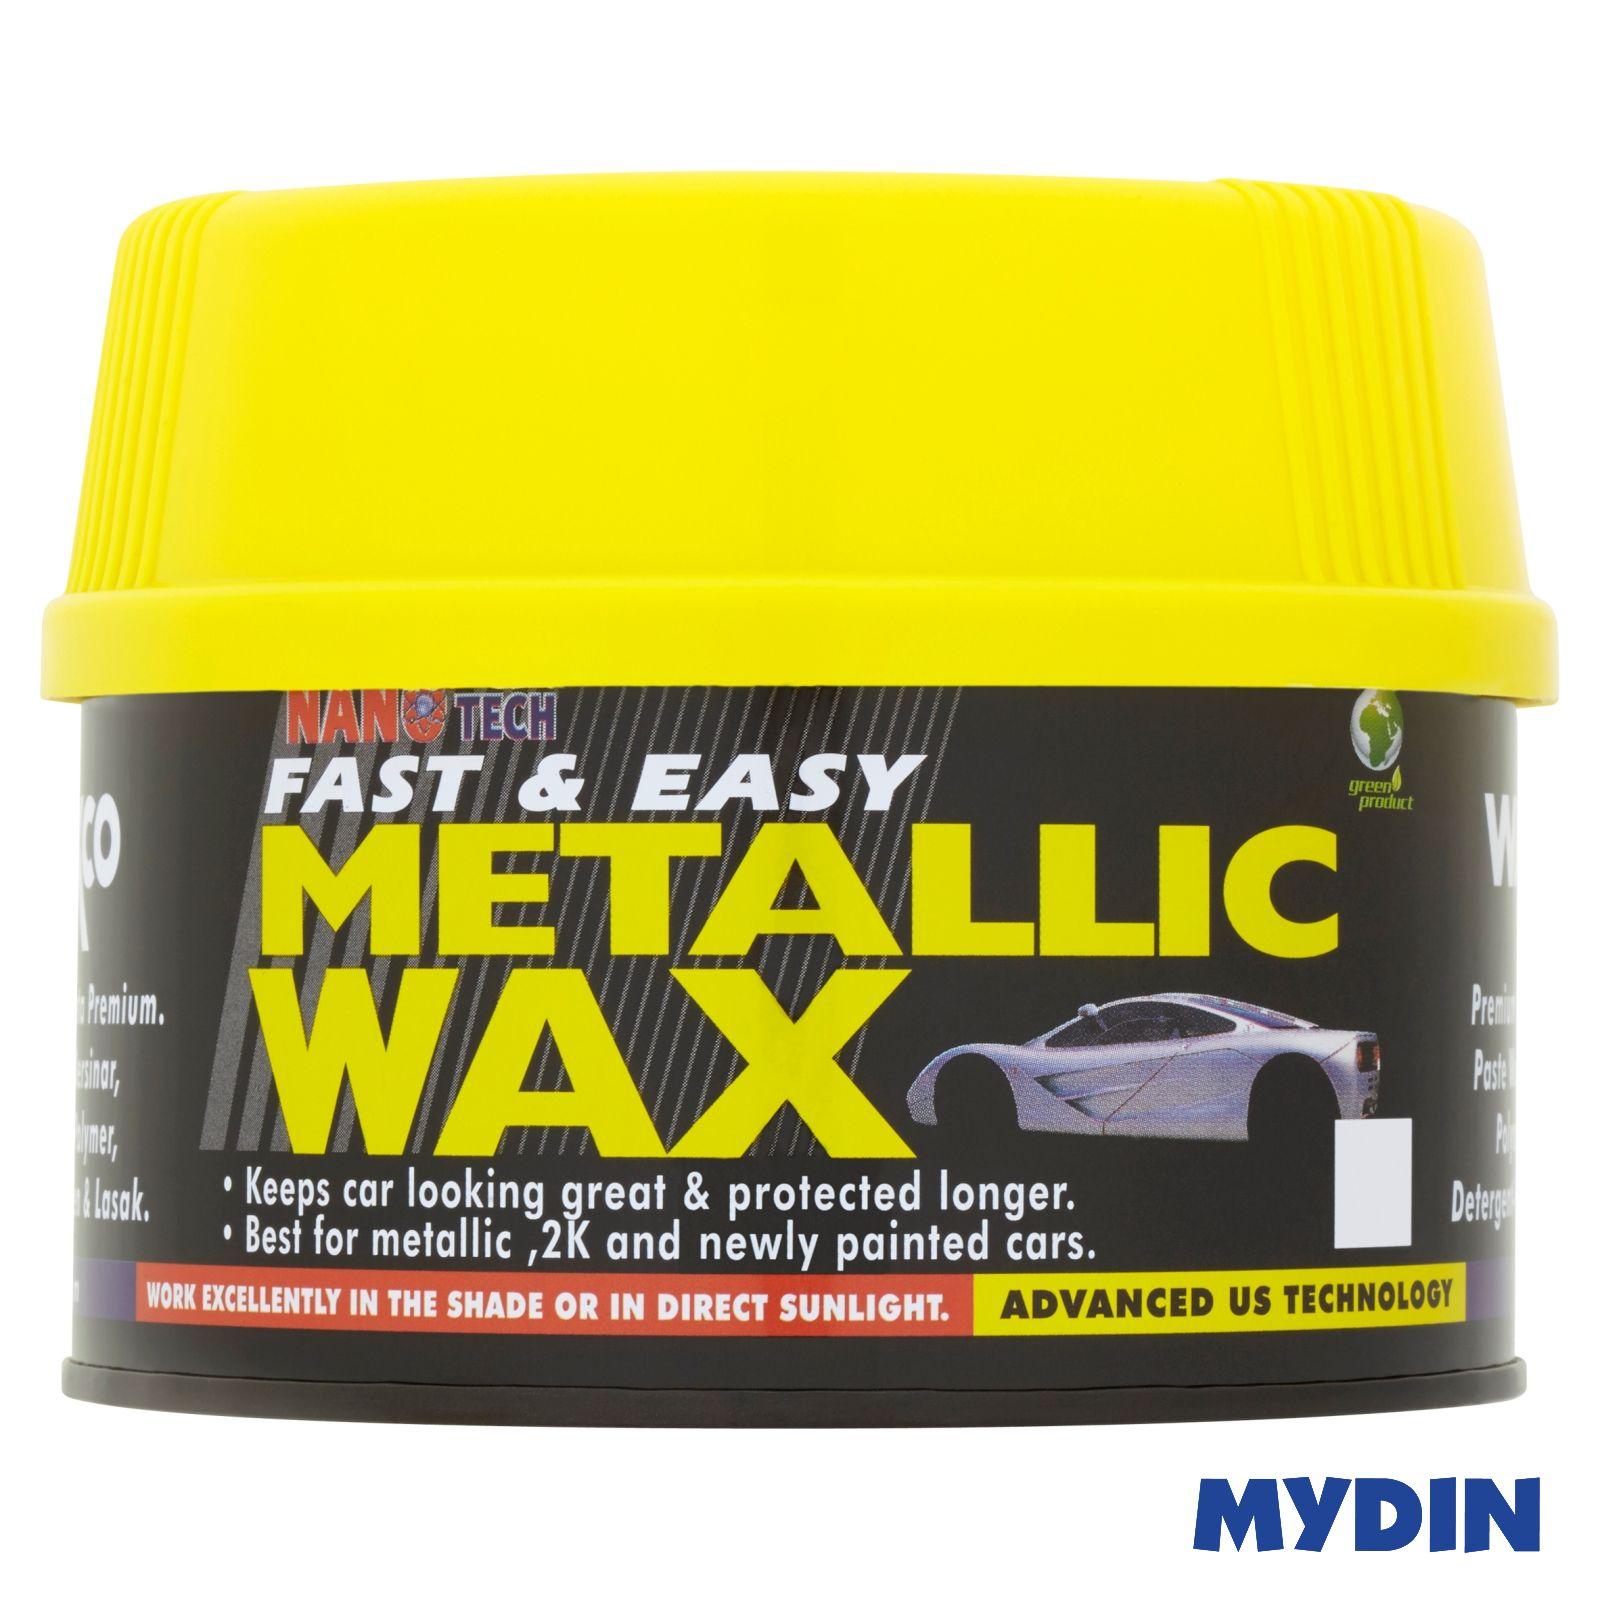 Waxco Metallic Wax (320g)